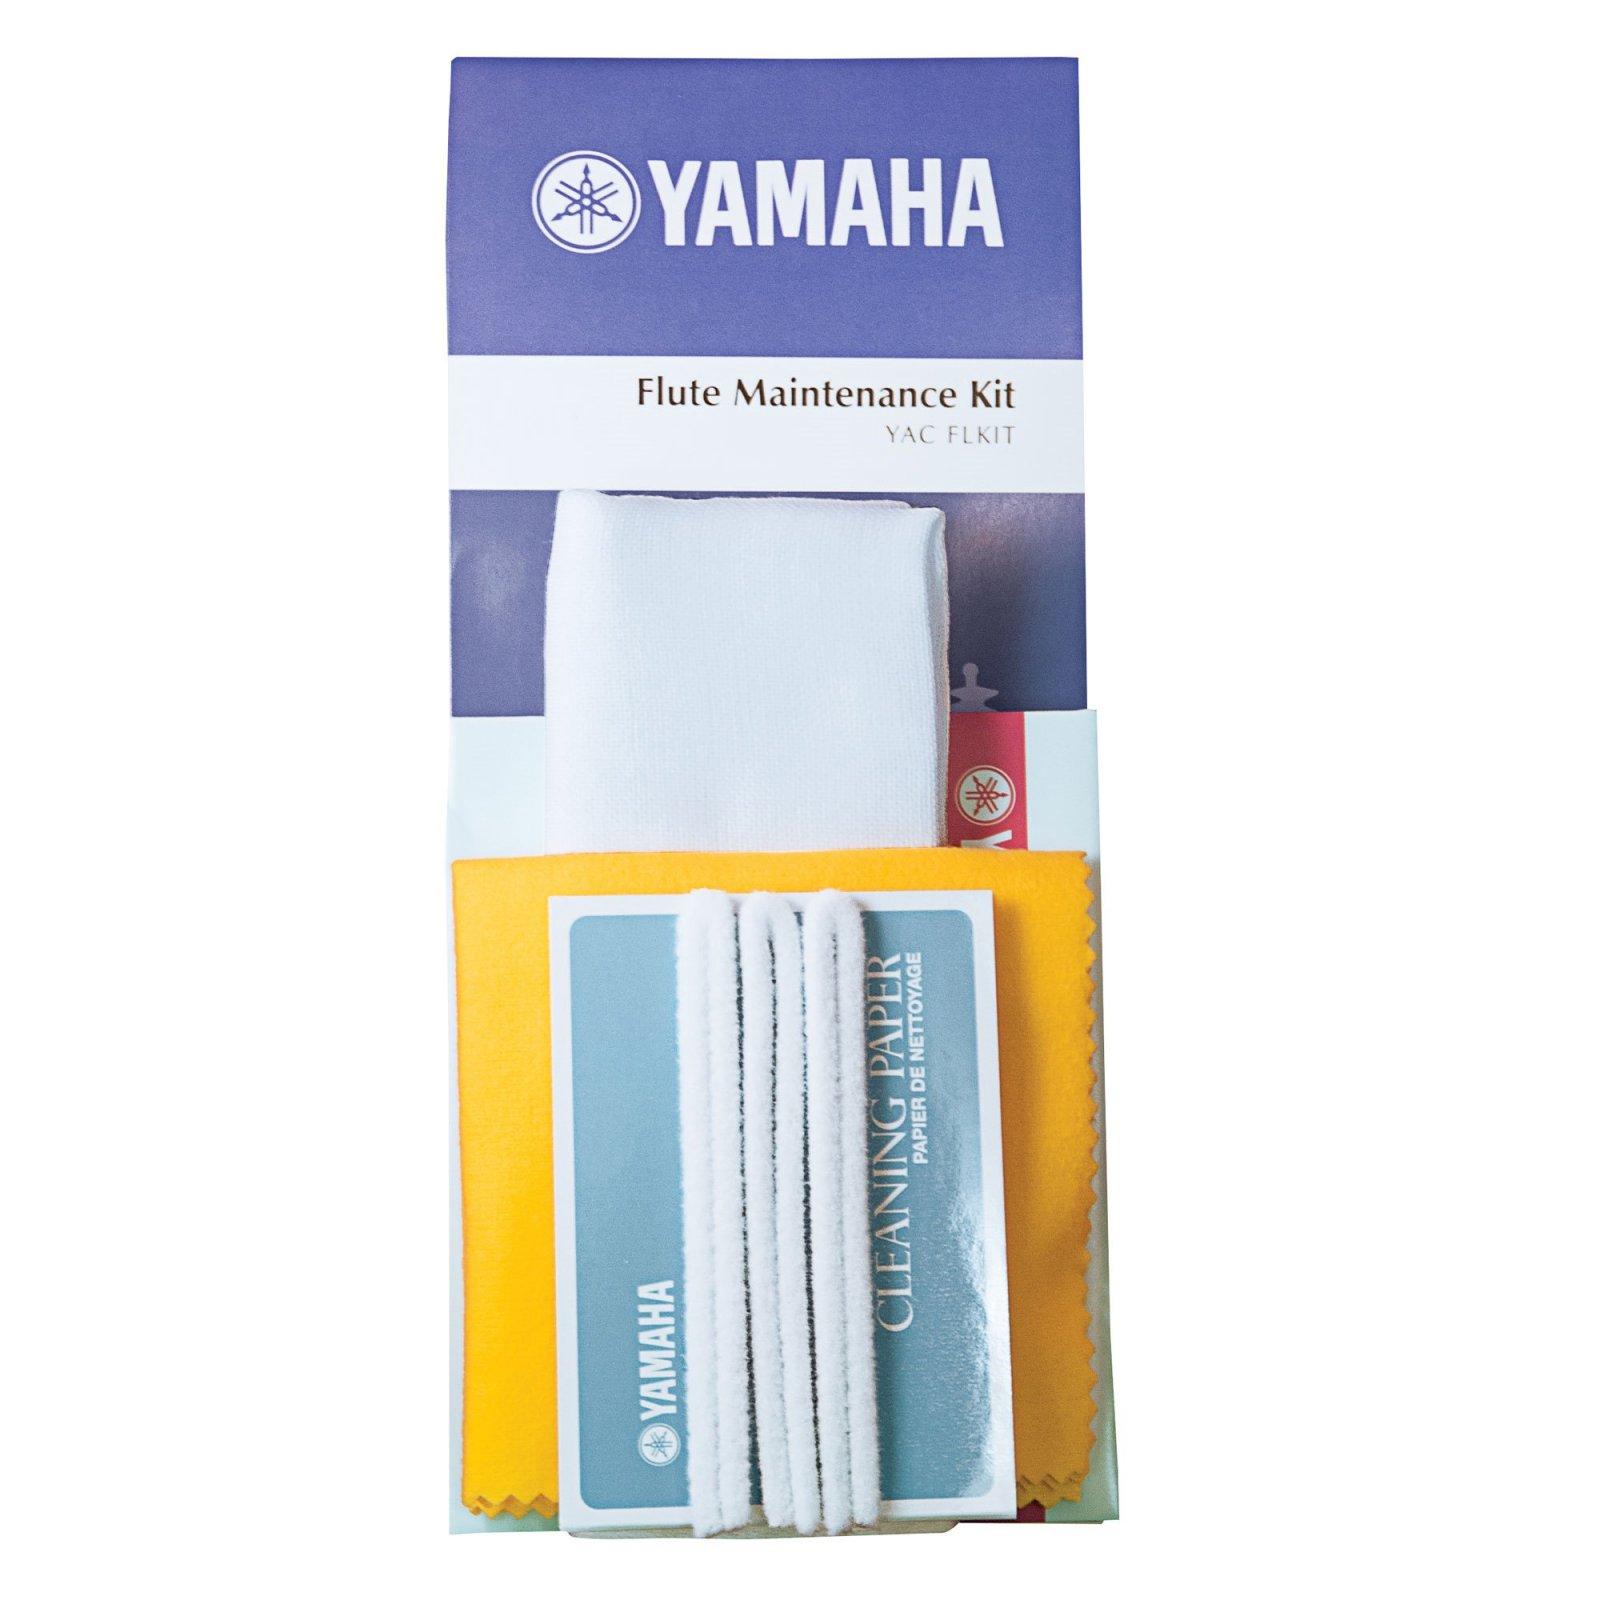 Yamaha Flute Maintenance Kit YACFLKIT